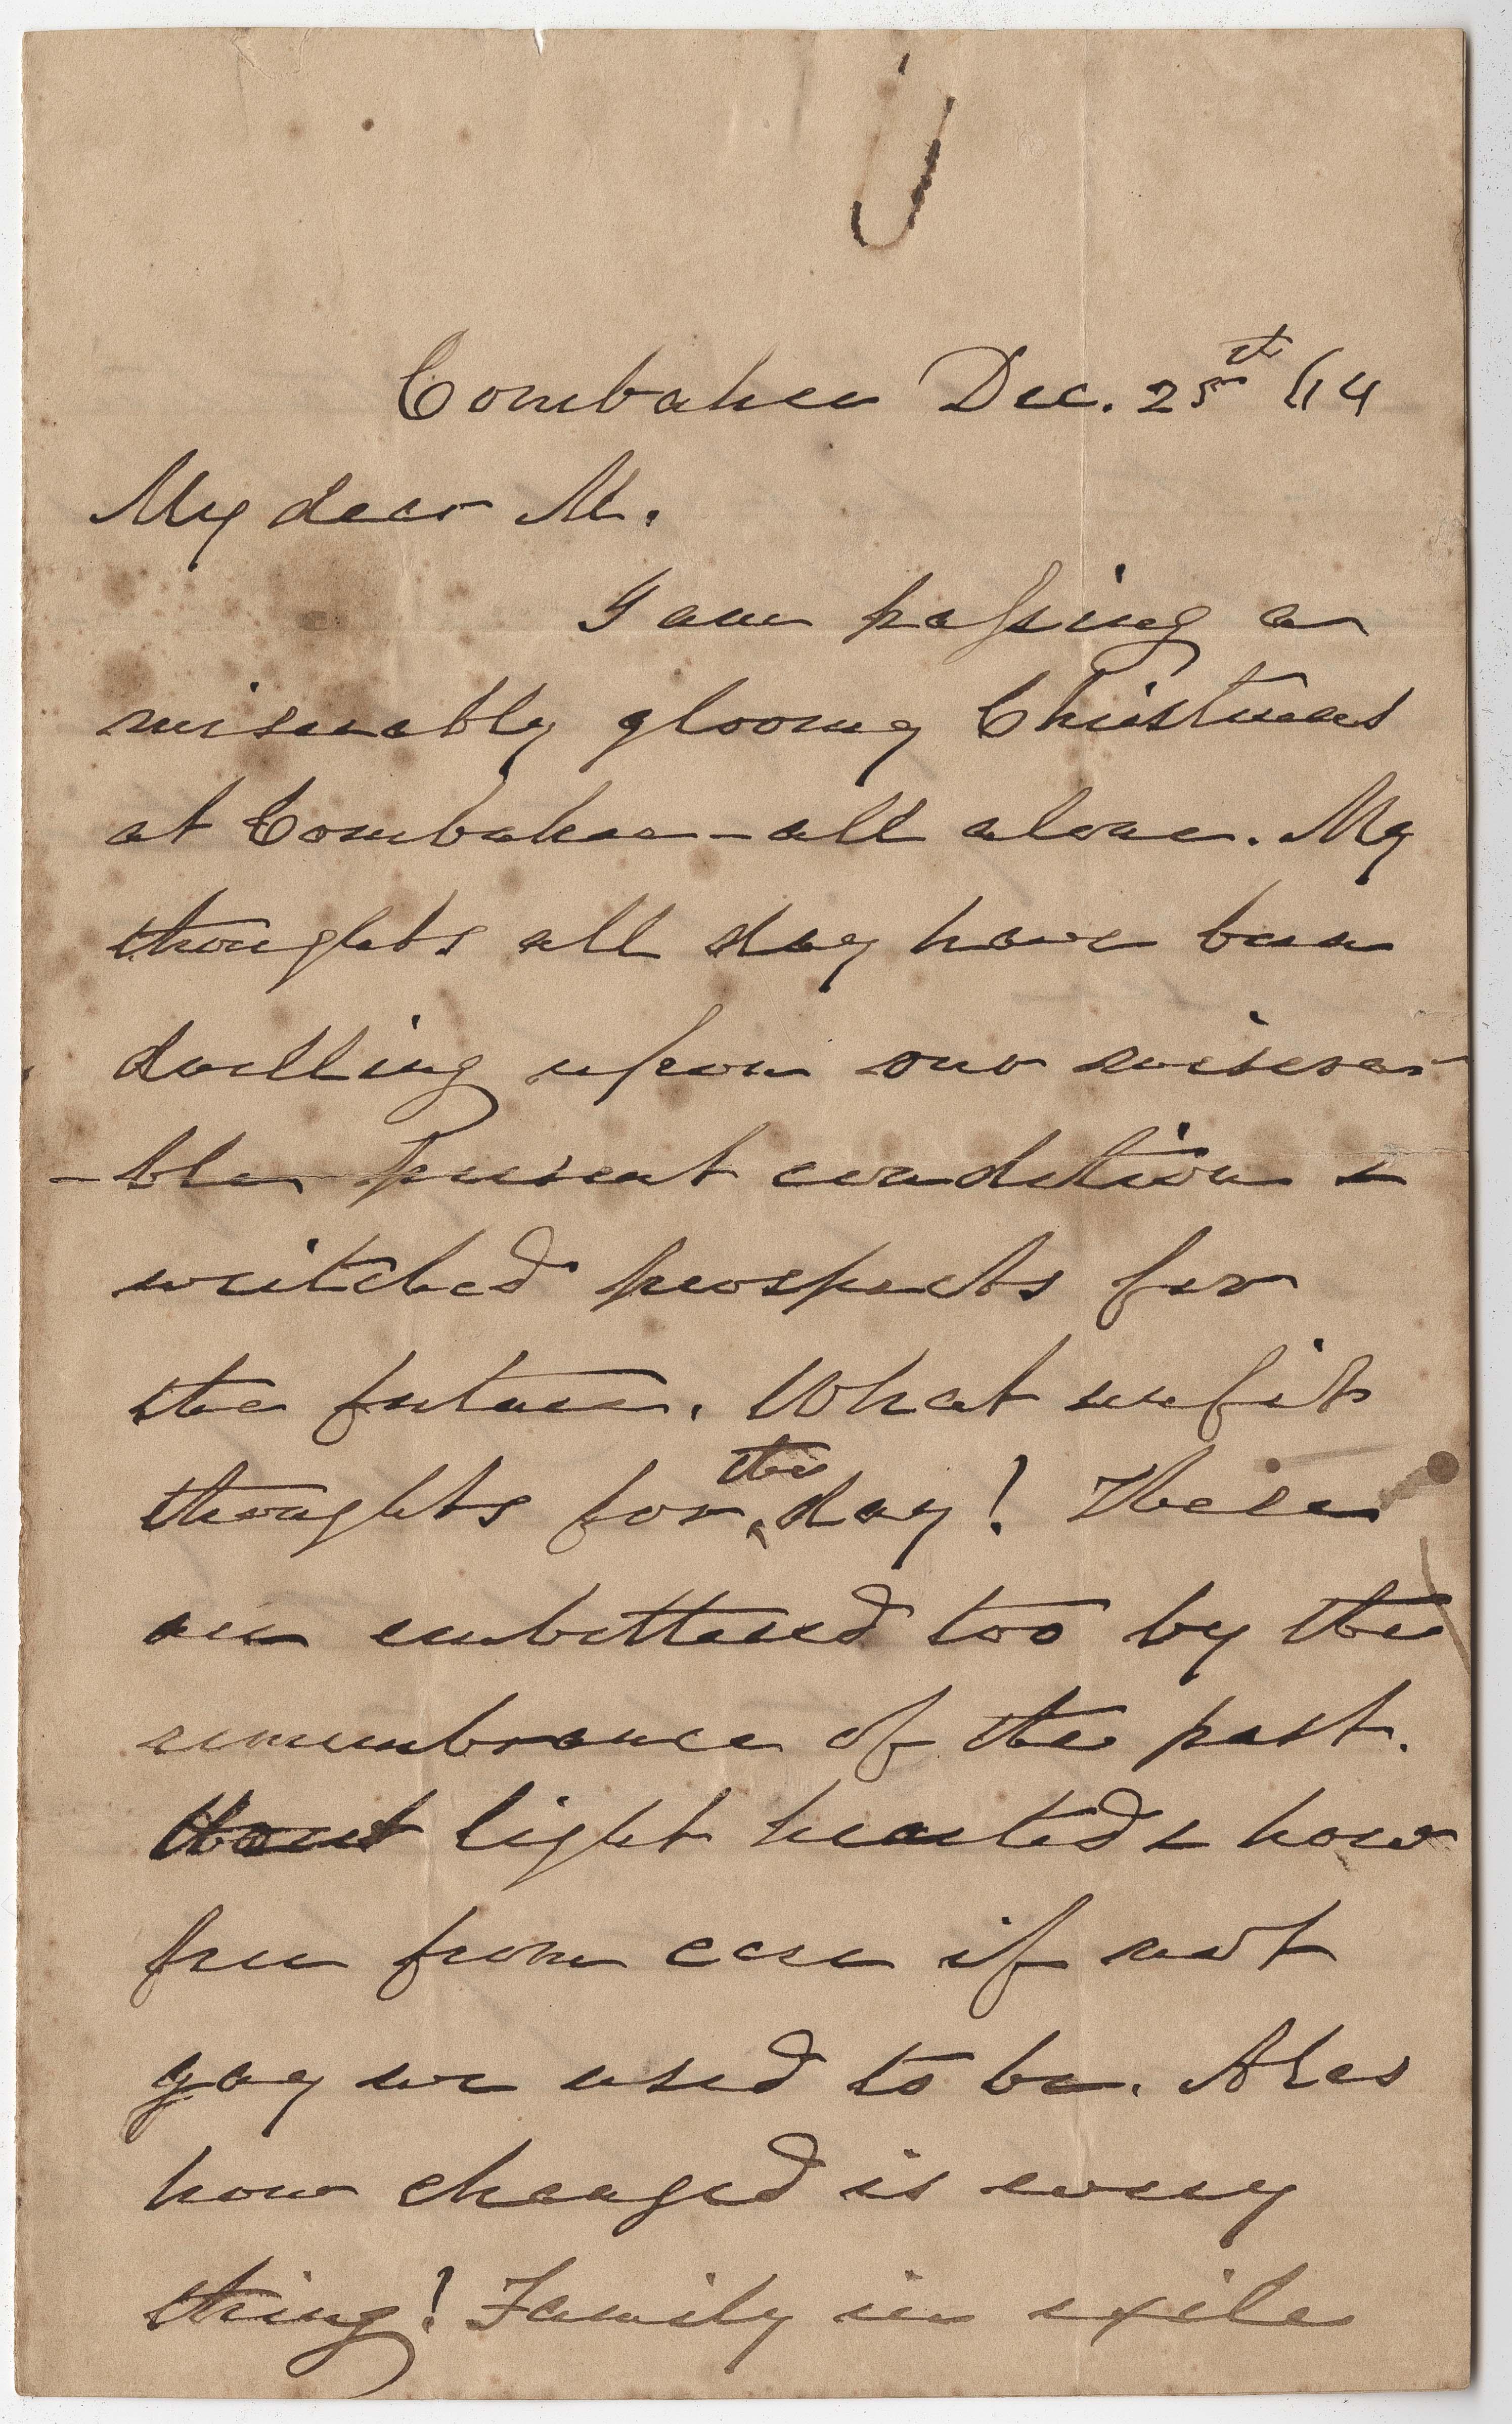 226. James B. Heyward to Maria Heyward -- December 25, 1864